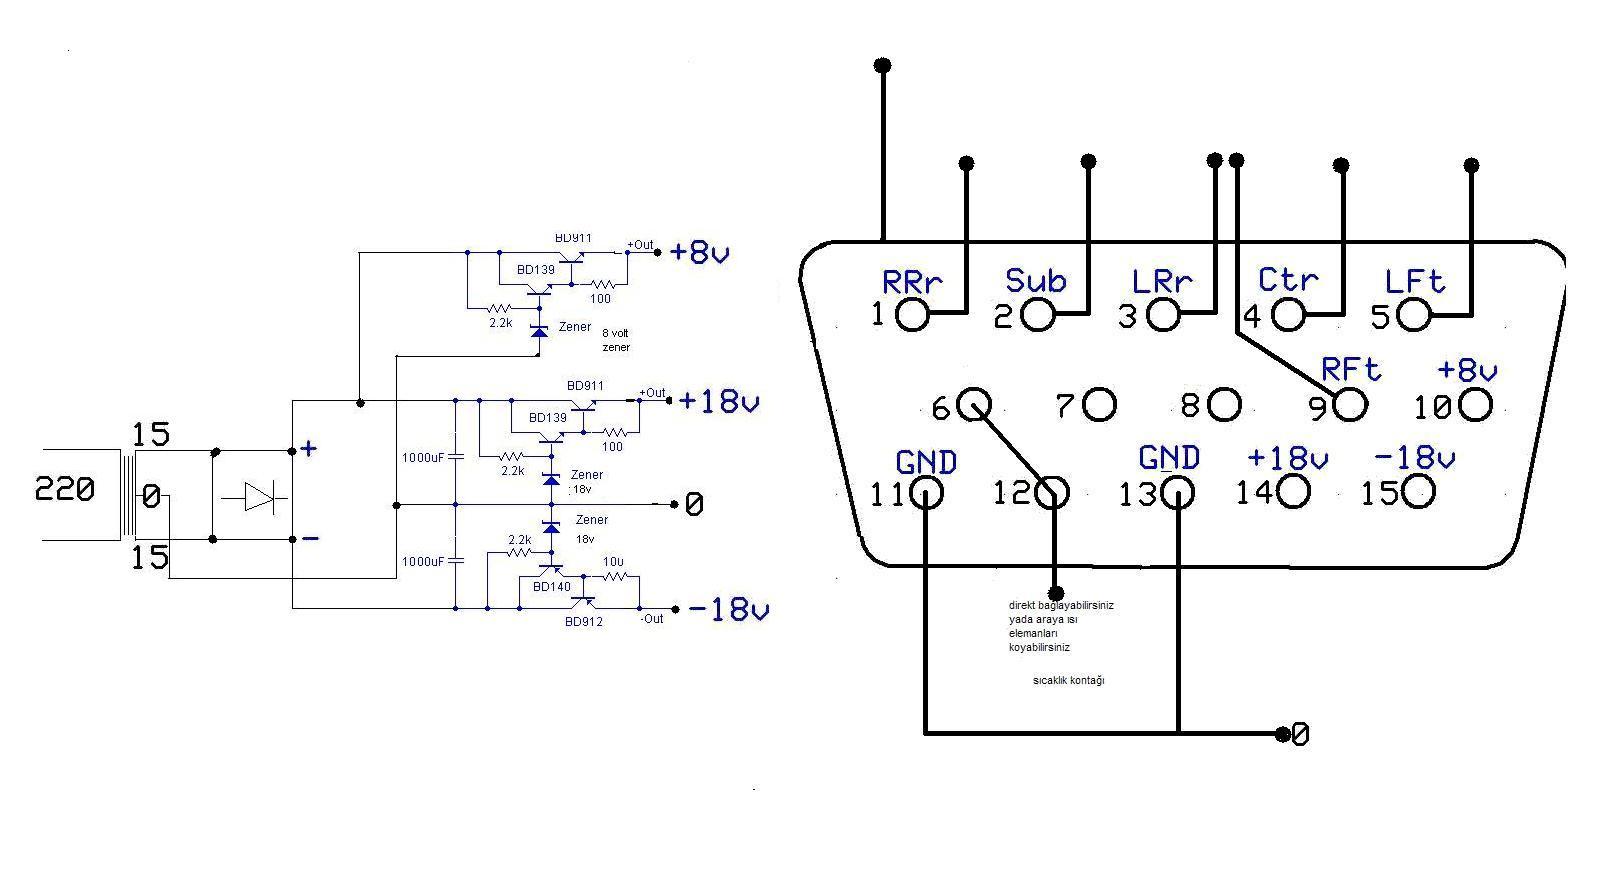 Swimod G Kayna Sayfa 1 Logitech Z 2300 Circuit Diagram Bu Konuda Yardmlarnz Bekliyorum